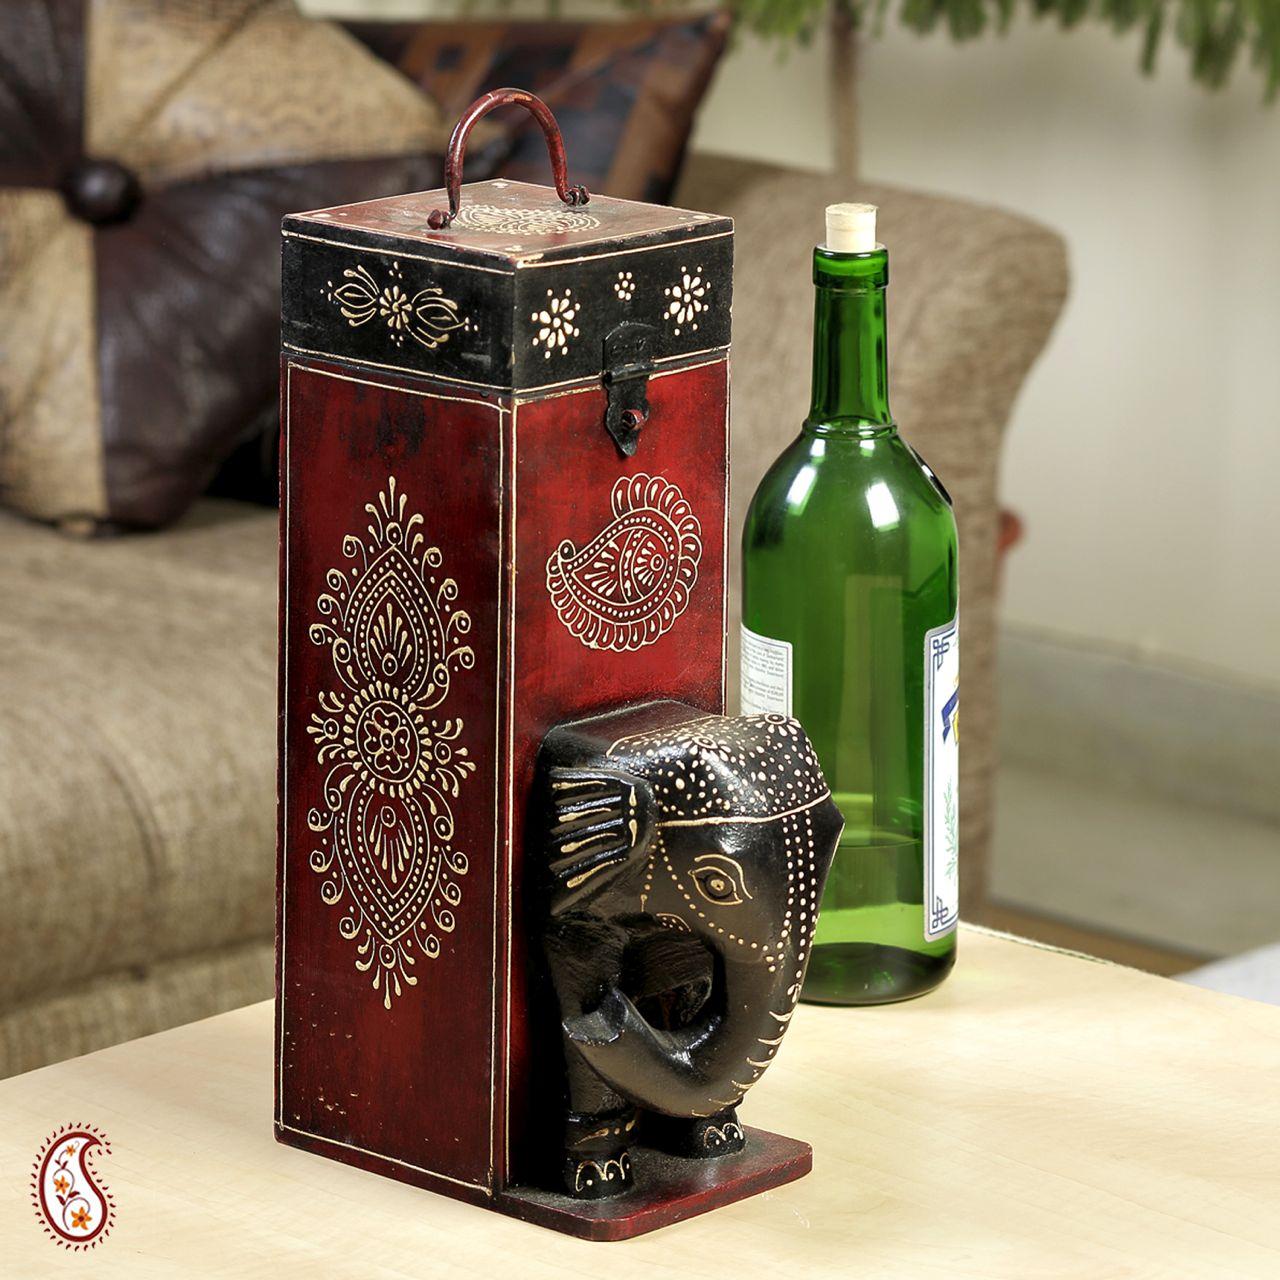 Buy painted elephant head wooden wine bottle holder online - Elephant wine bottle holder ...